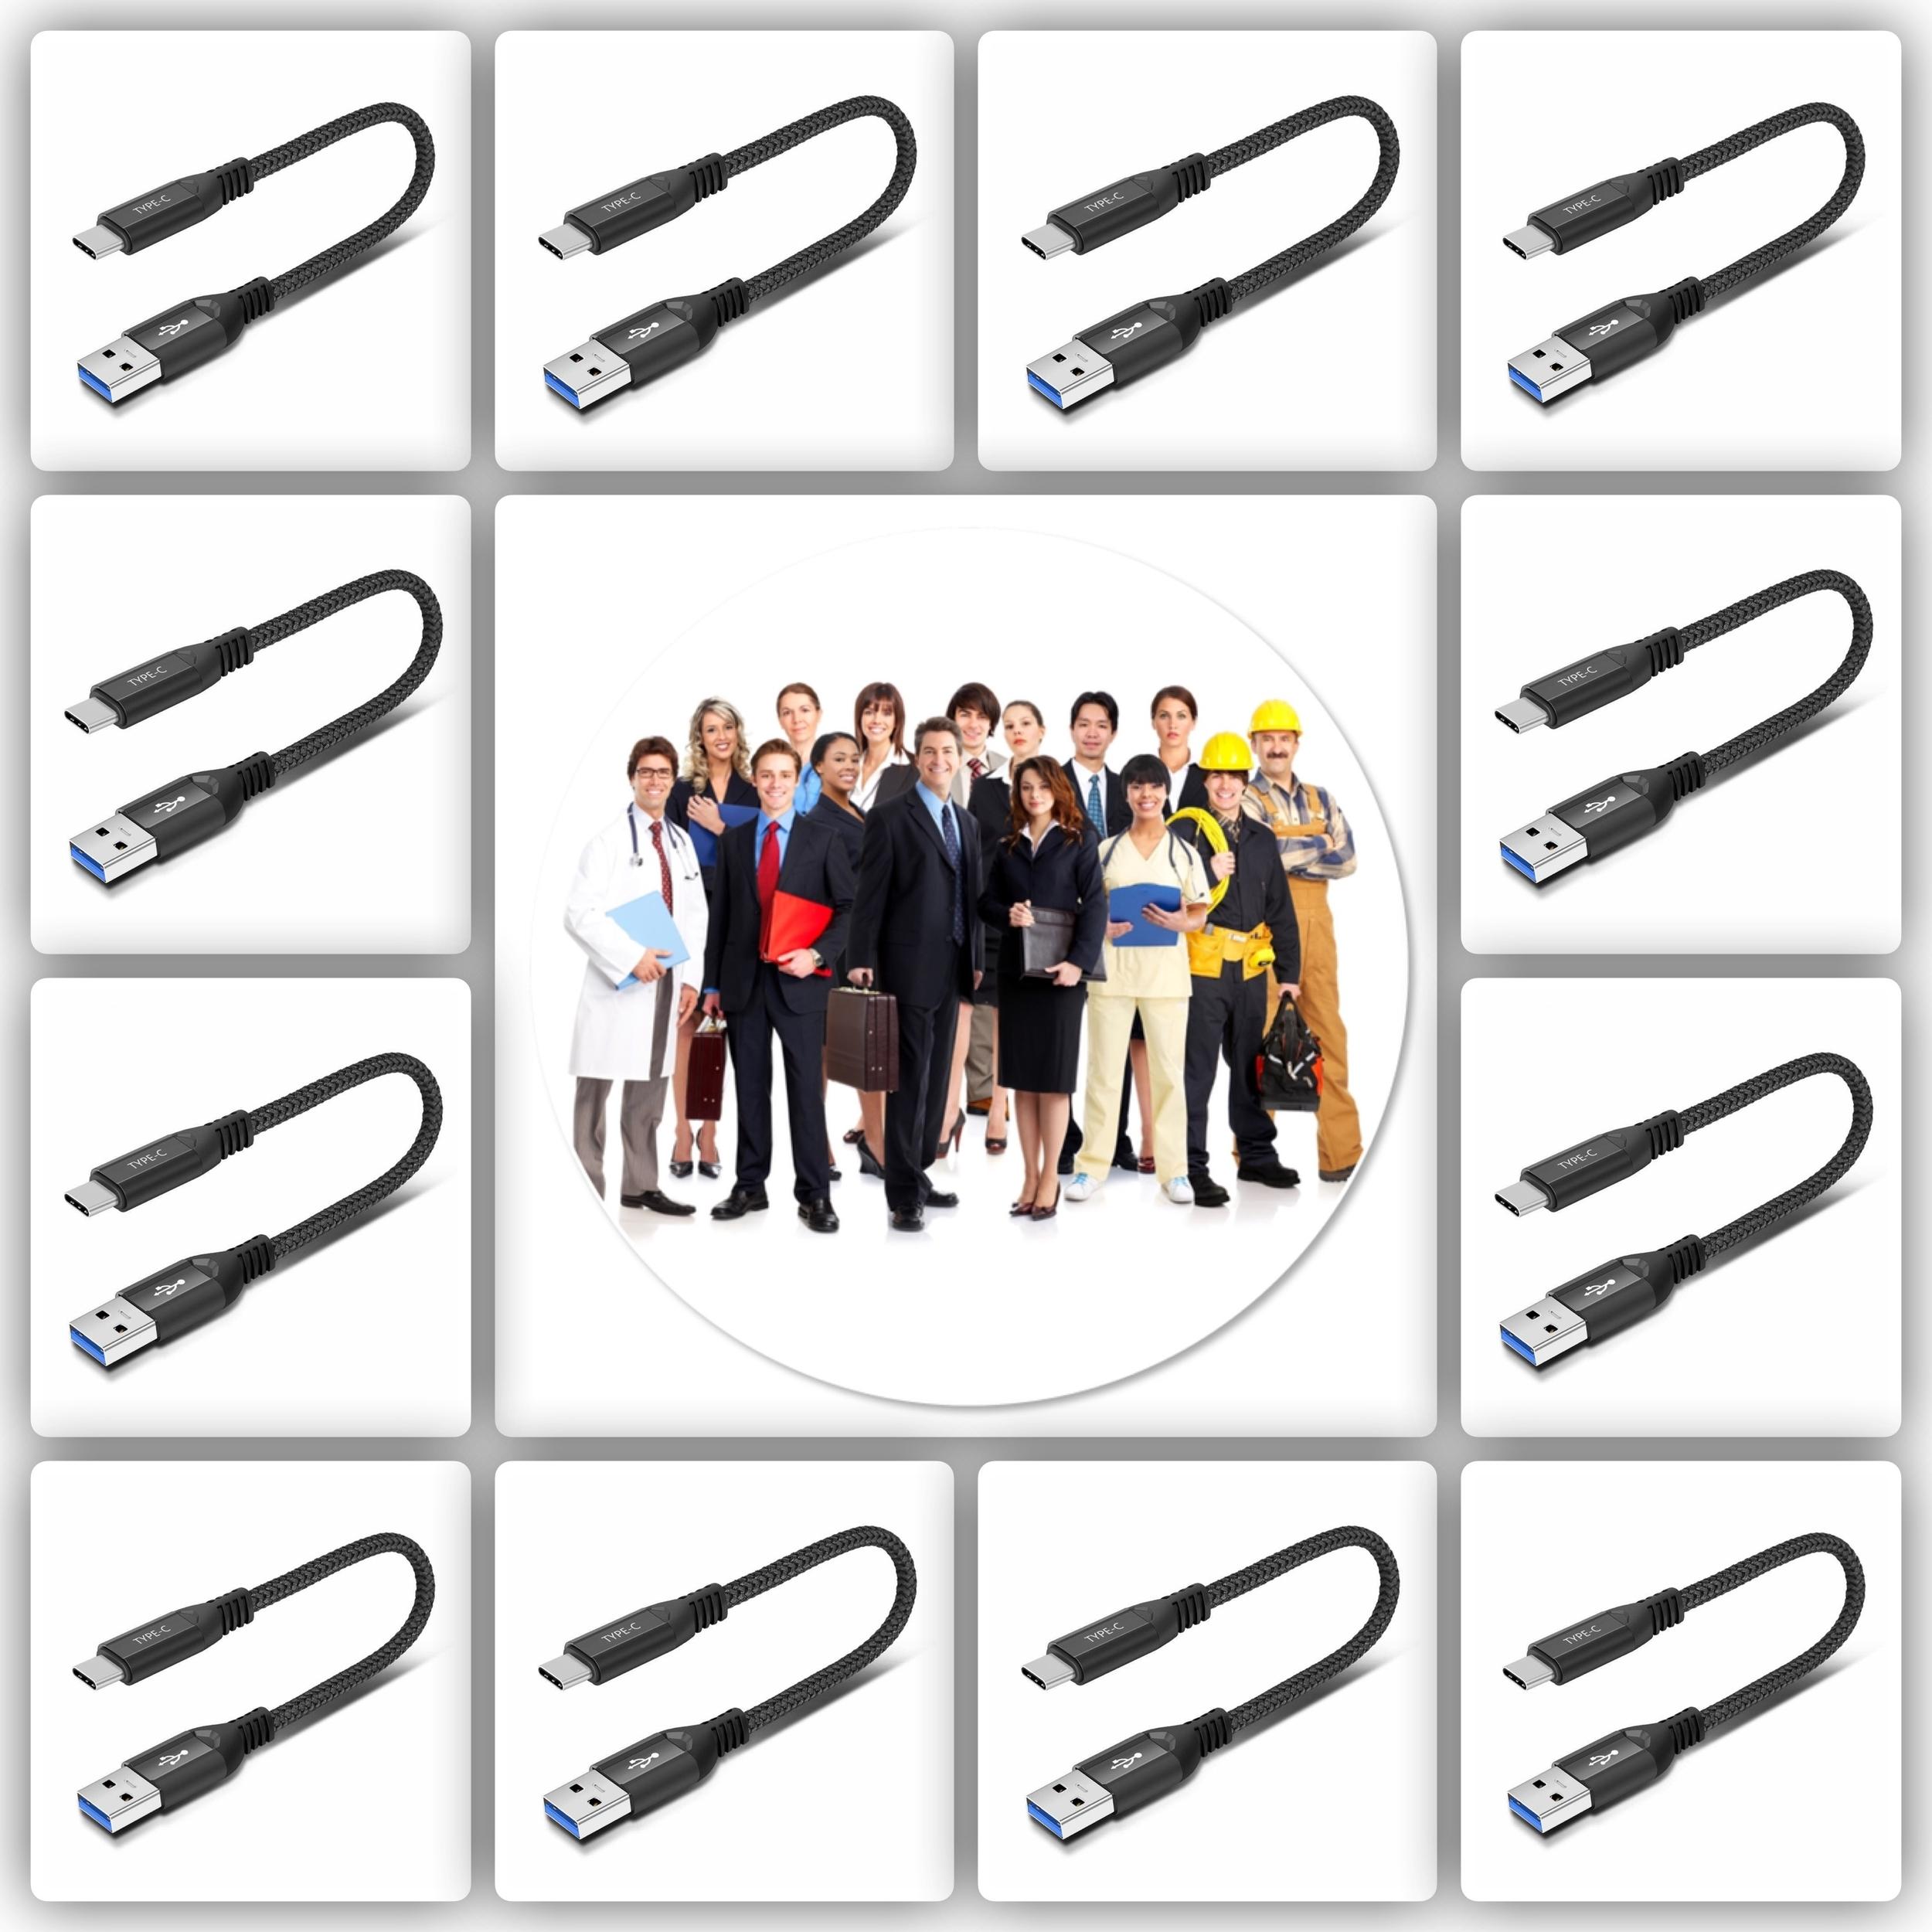 Pack de 10 x Cable USB-A vers USB-C Longueur 26cm